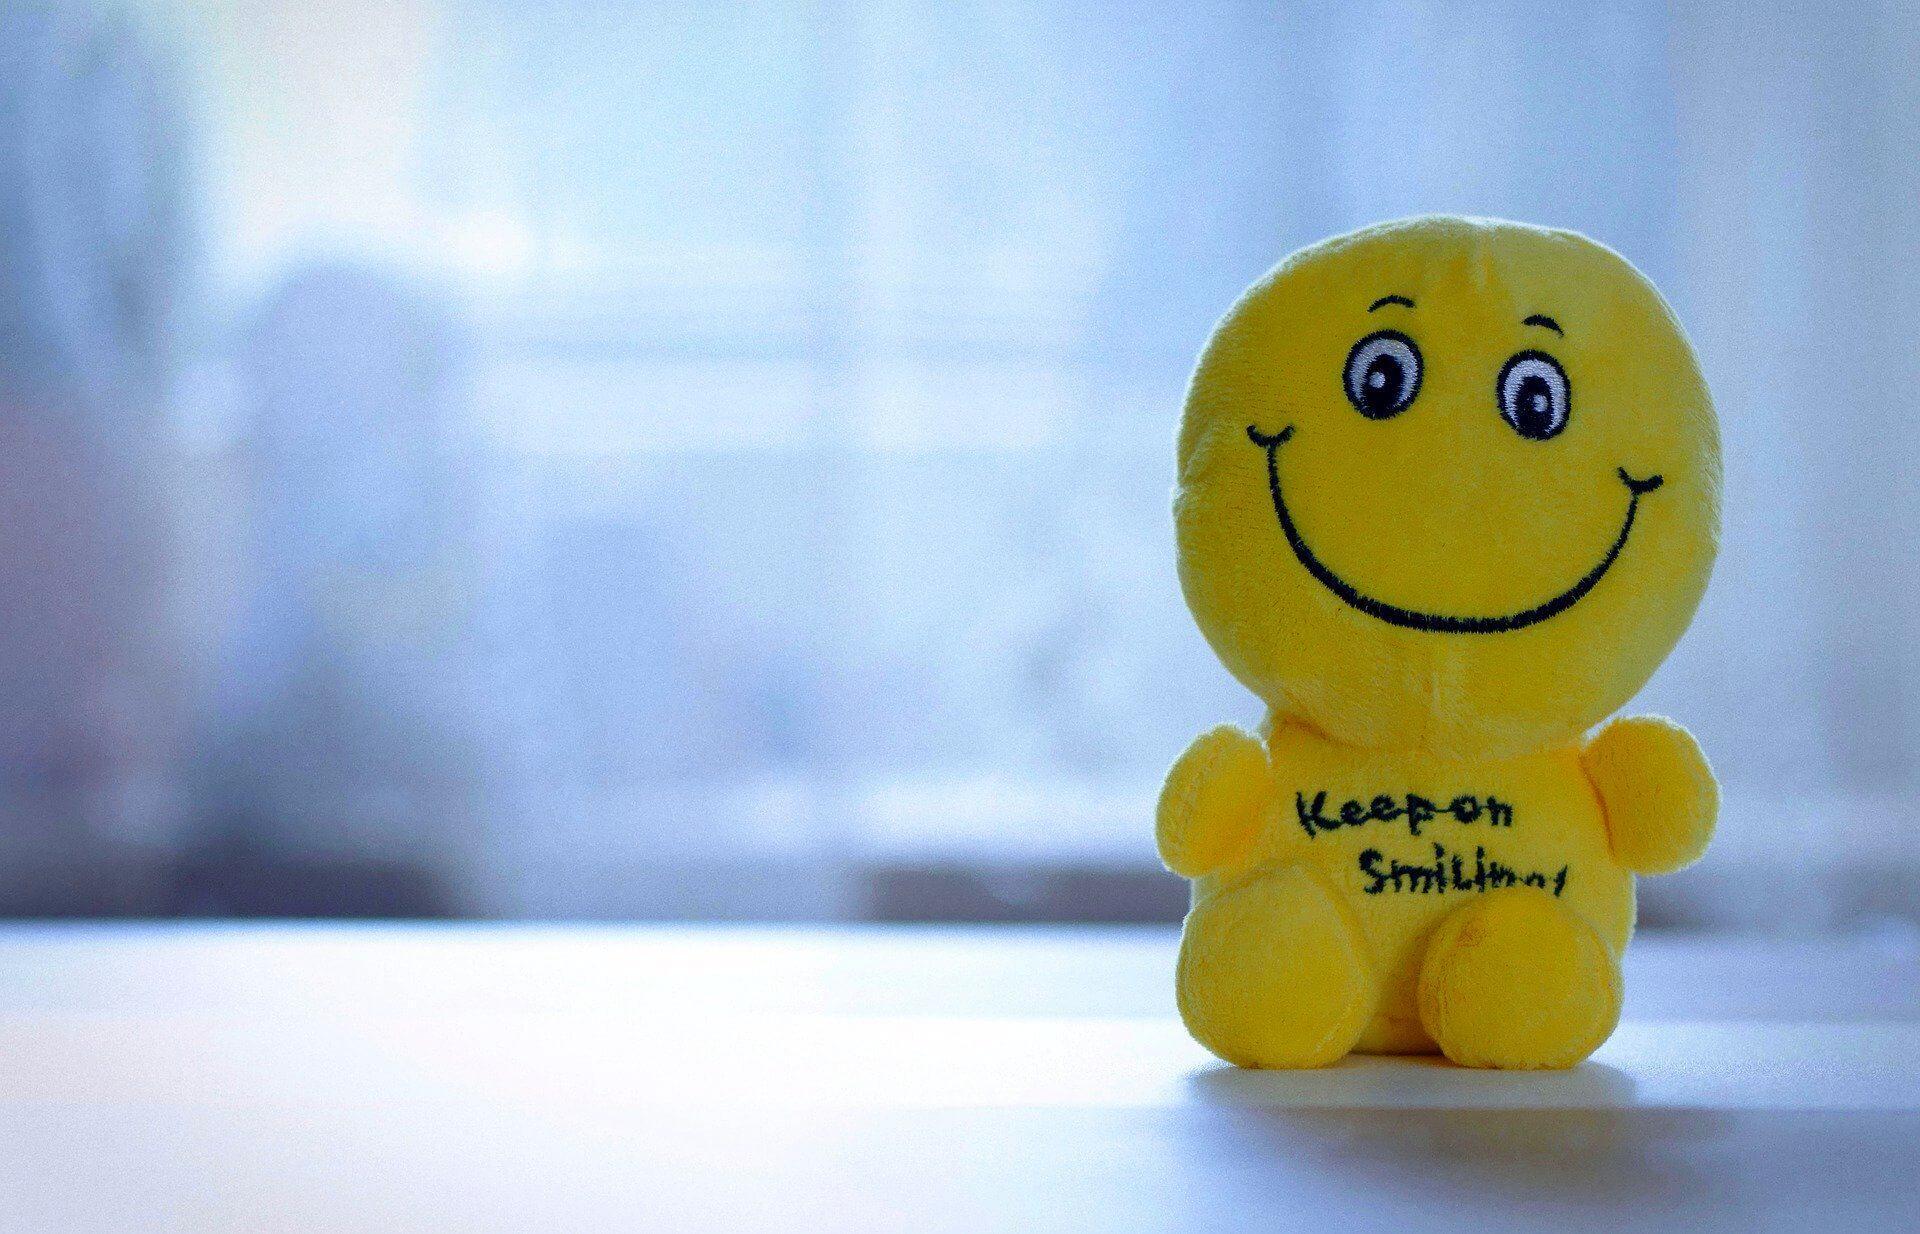 Plüschsmiley sitzt am Fenster, auf seinem Bauch steht: Keep on smiling